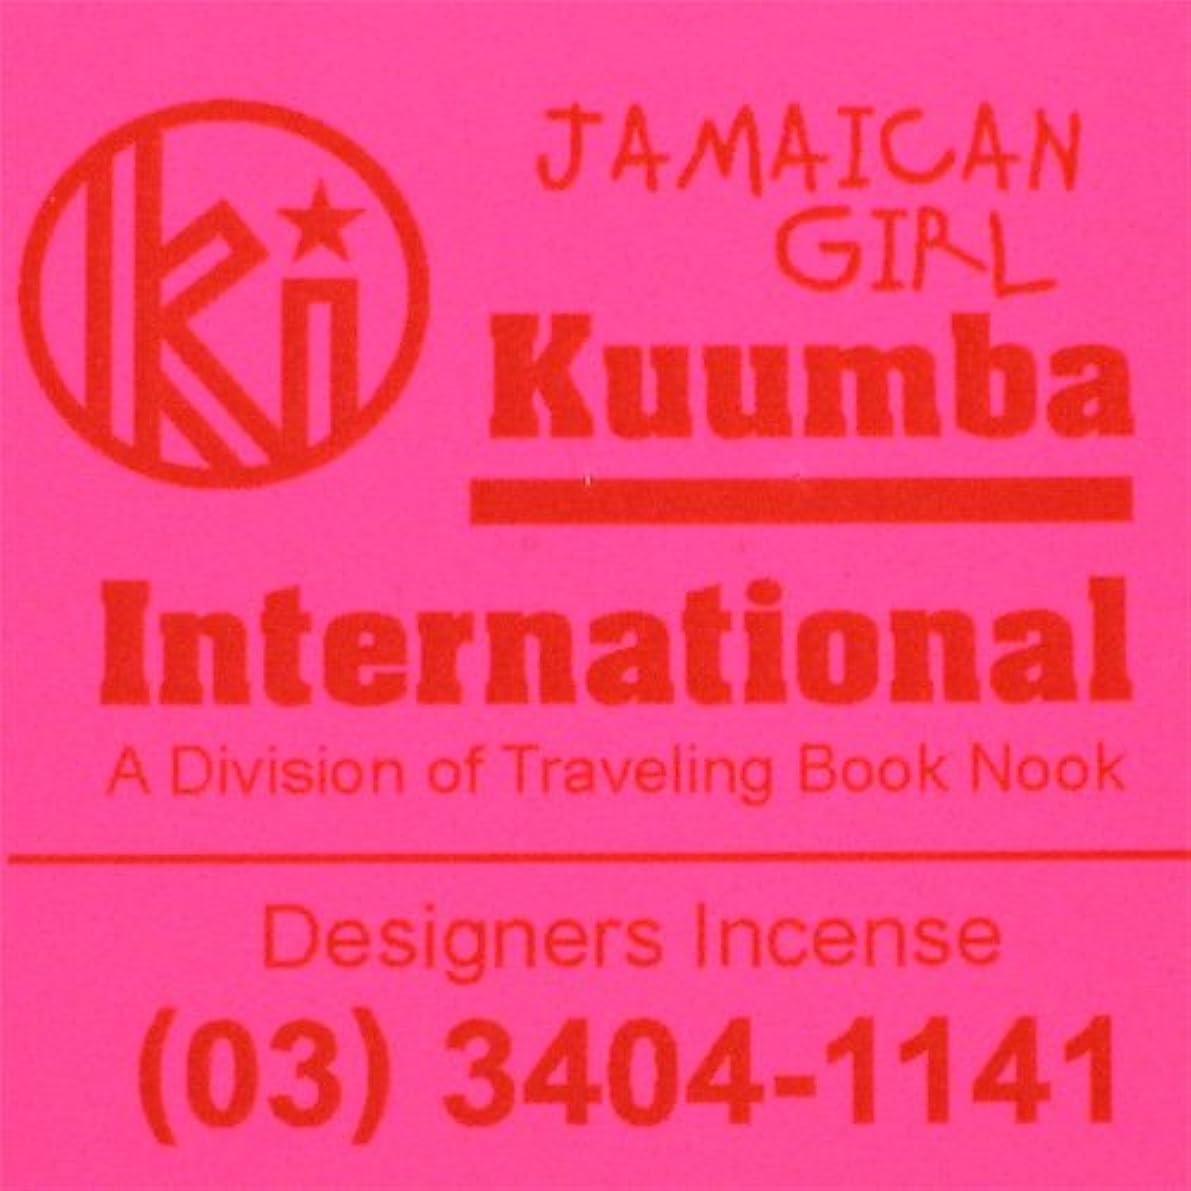 事業内容市町村ピグマリオンKUUMBA / クンバ『incense』(JAMAICAN GIRL) (Regular size)